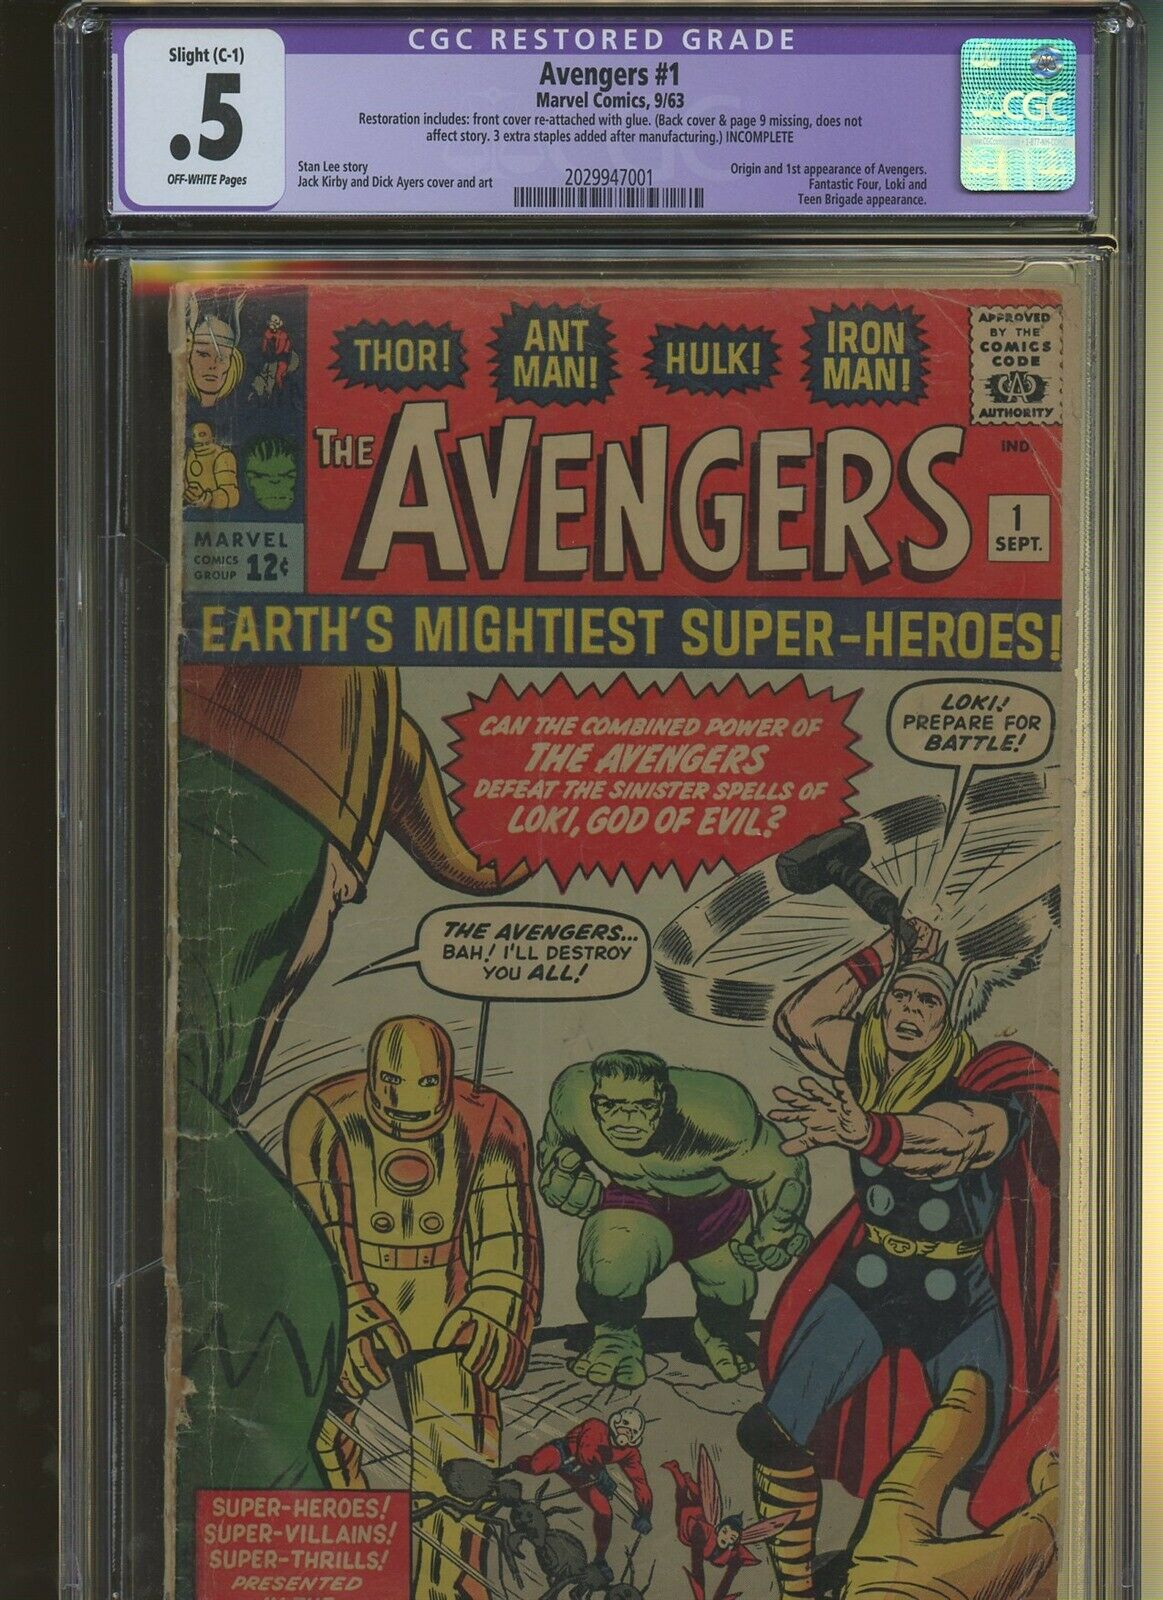 Avengers 1 CGC Restored 0.5 | Marvel 1963 | Origin & 1st Avengers.